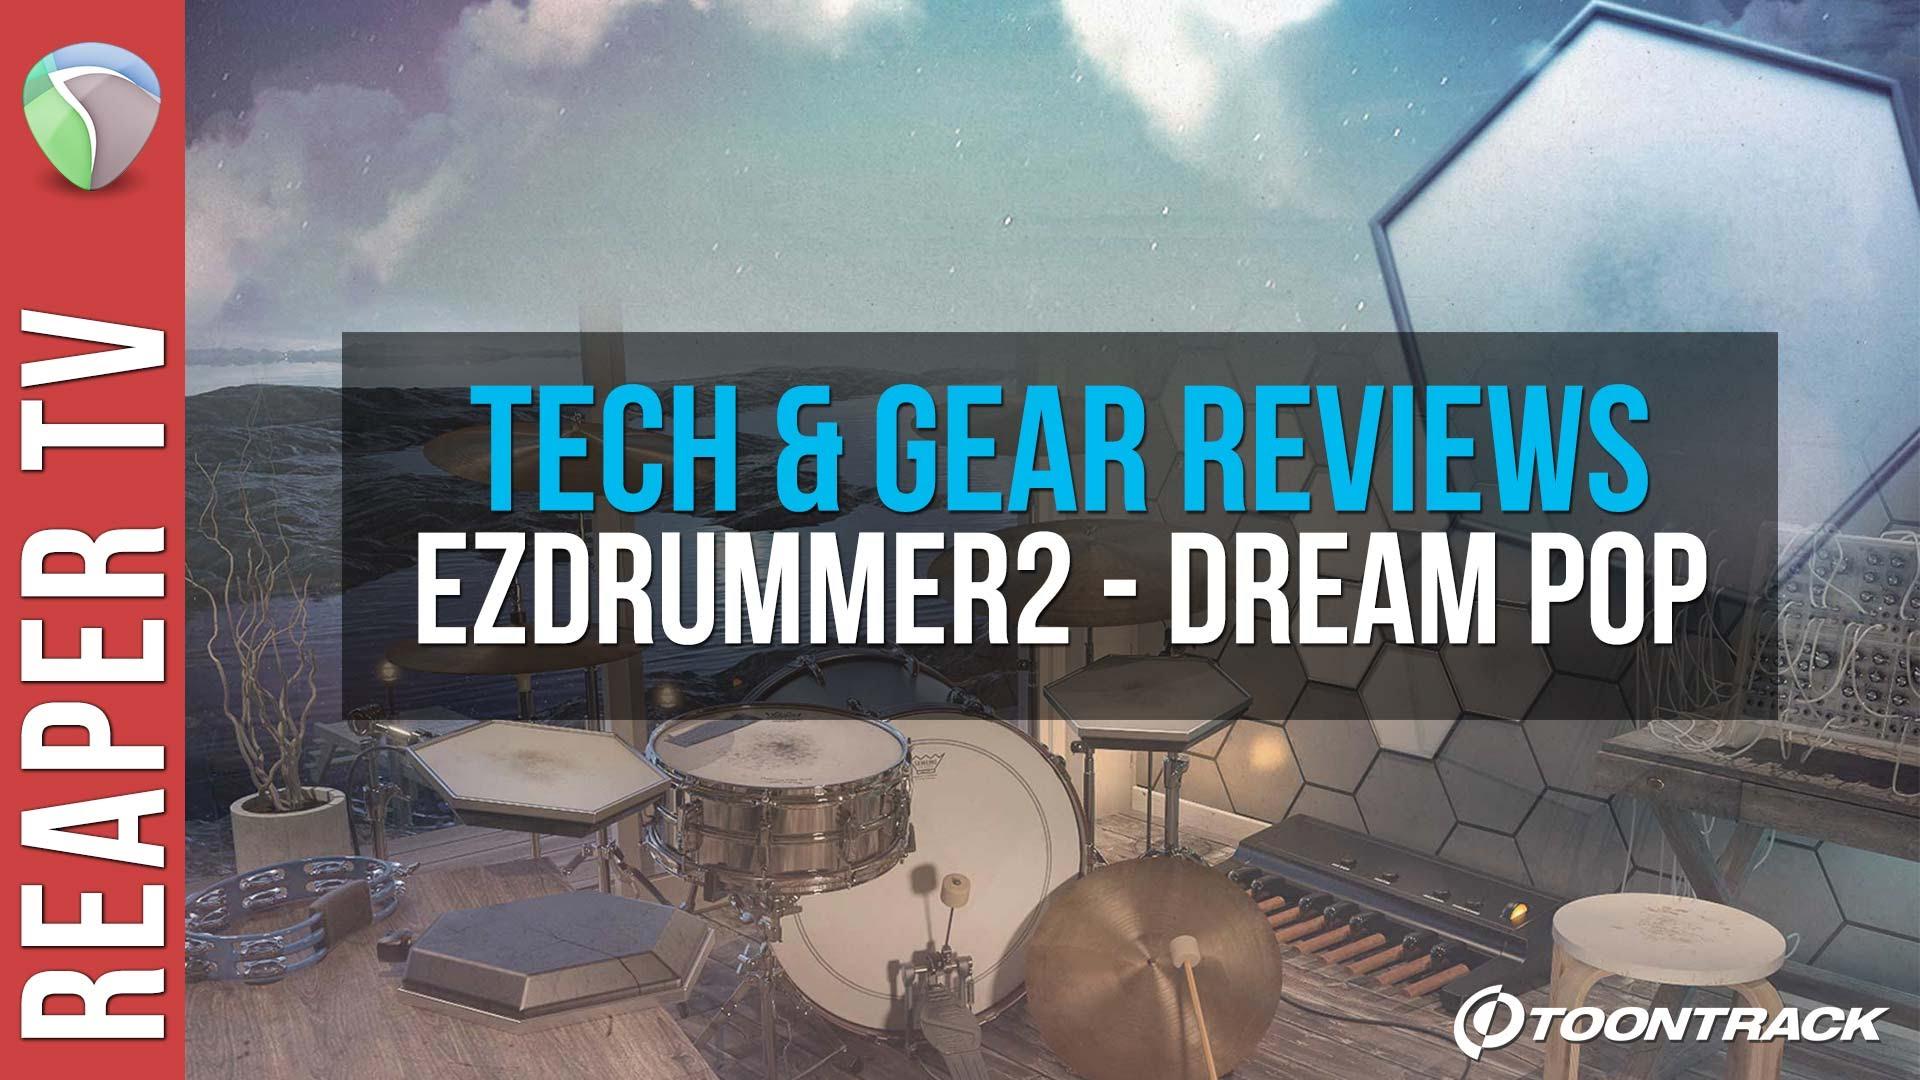 Toontrack Dream Pop EZX Overview for EZ Drummer 2